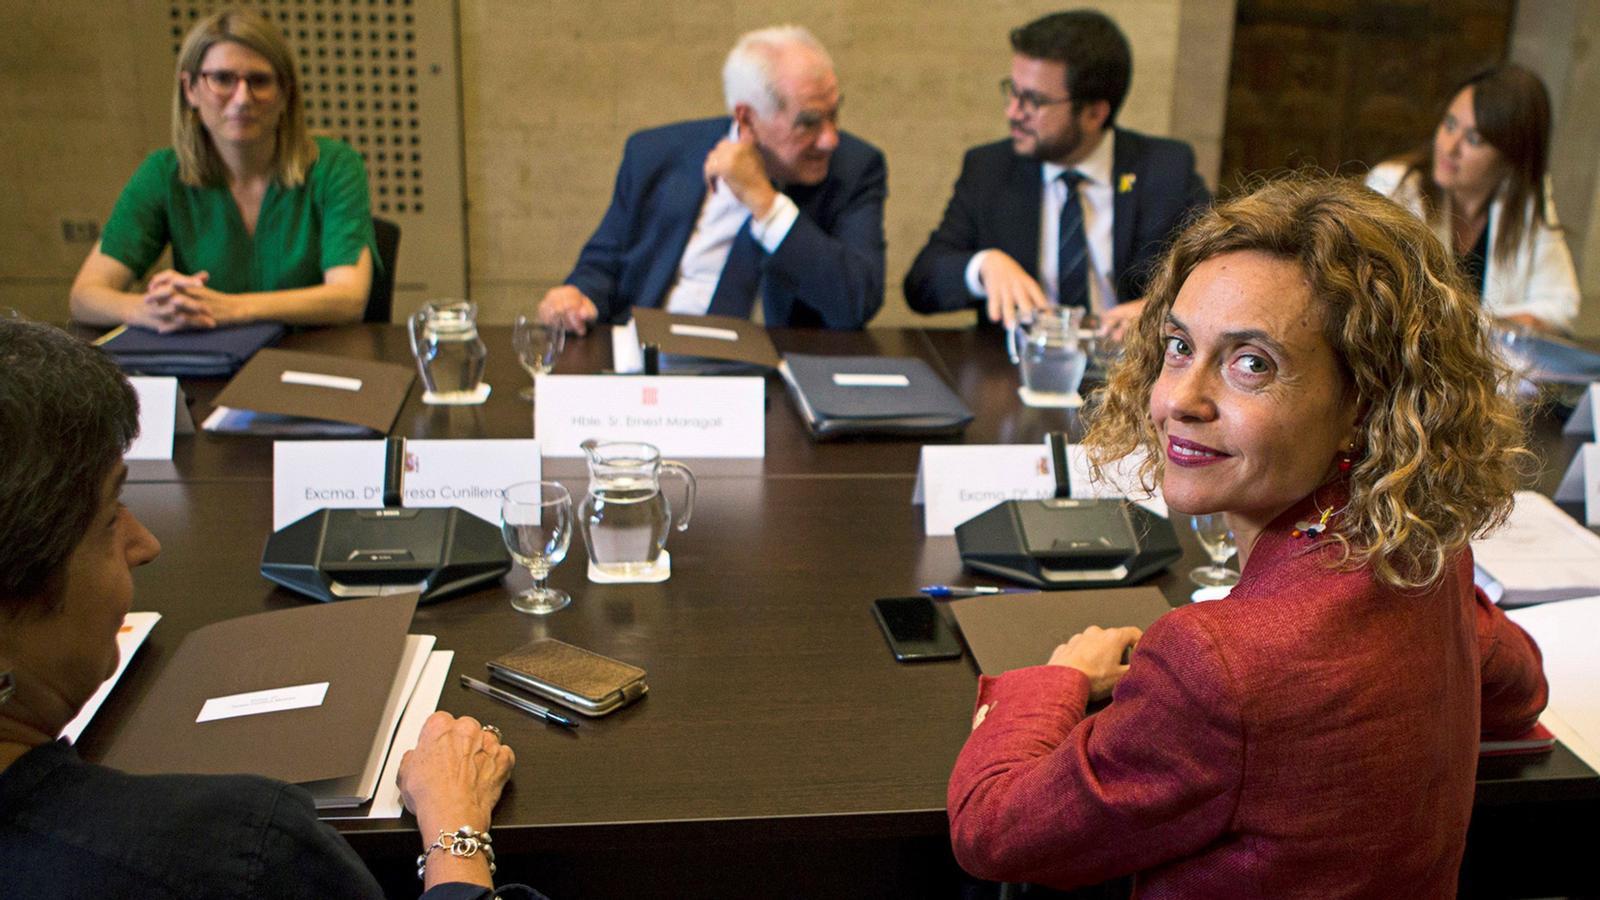 L'anàlisi d'Antoni Bassas: 'Els problemes de Sánchez per passar del 155 al diàleg'